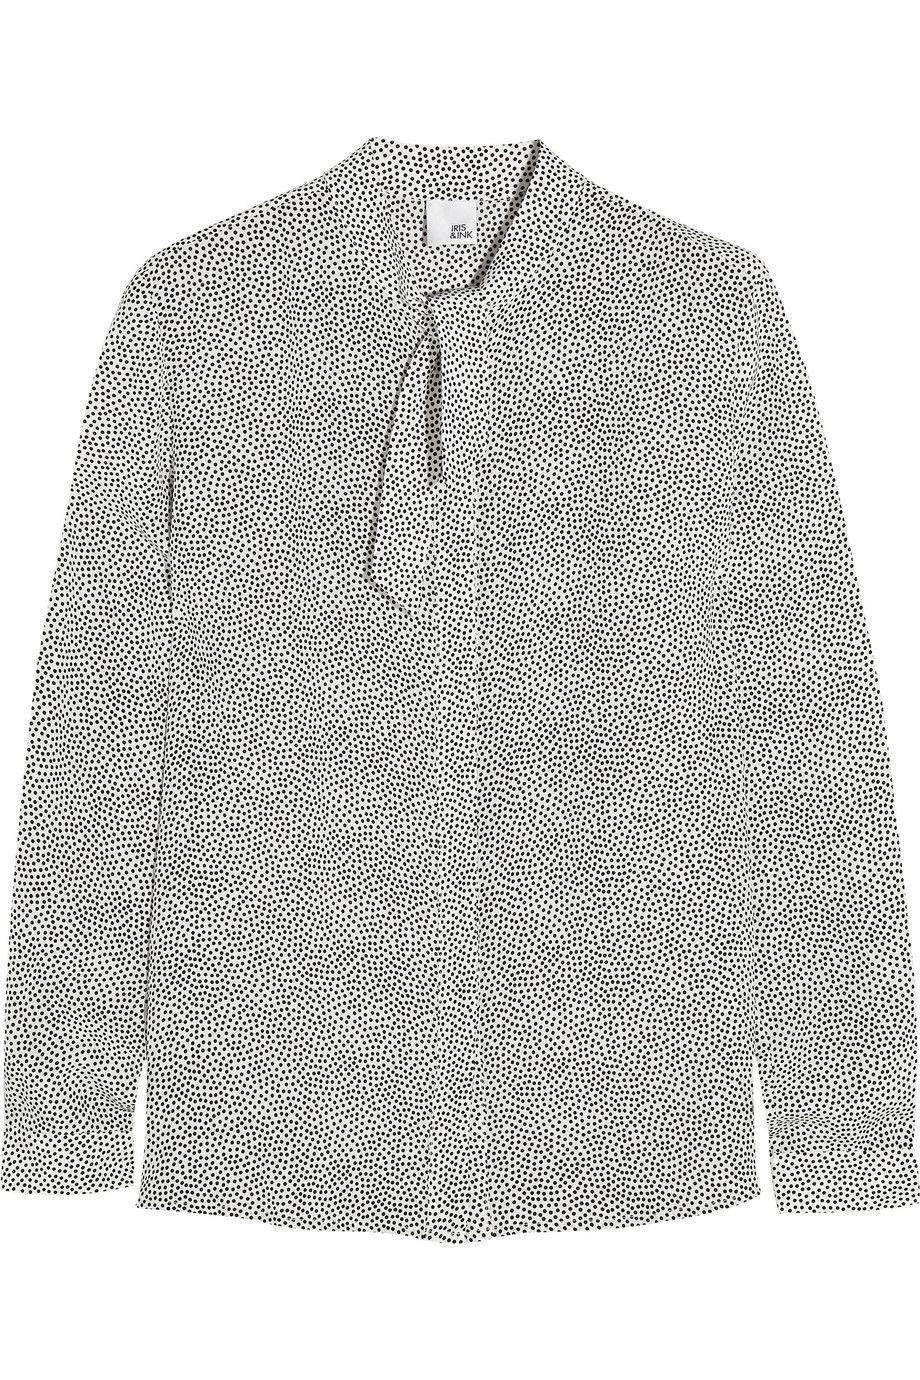 Iris and InkElla printed silk crepe de chine blousefront